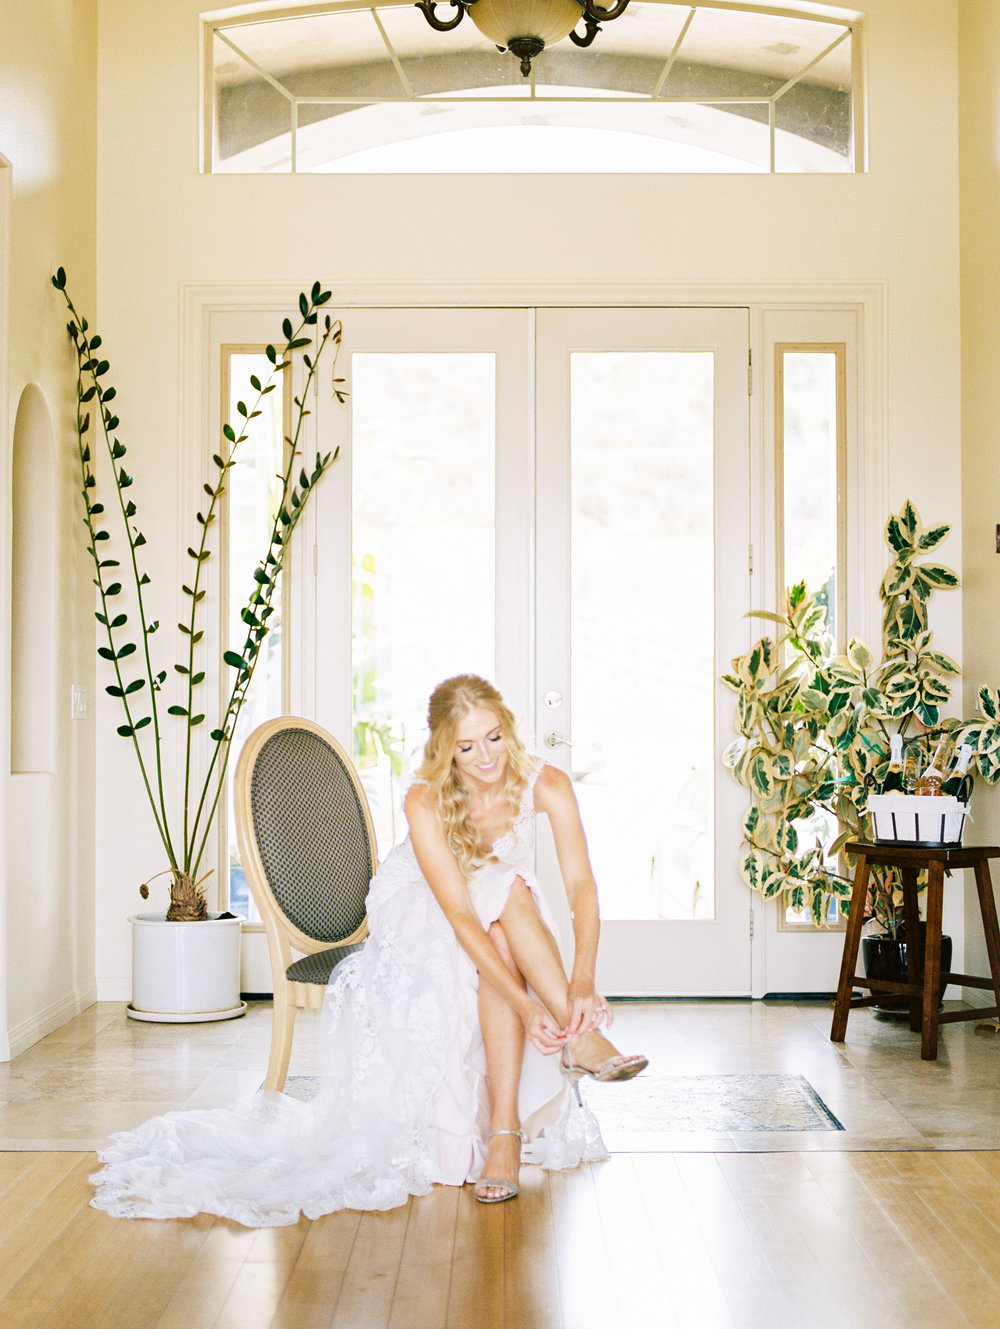 dennisroycoronel_ashleyanthony_vanessahudgens_austinbutler_wedding_losangeles_photographer-25.jpg